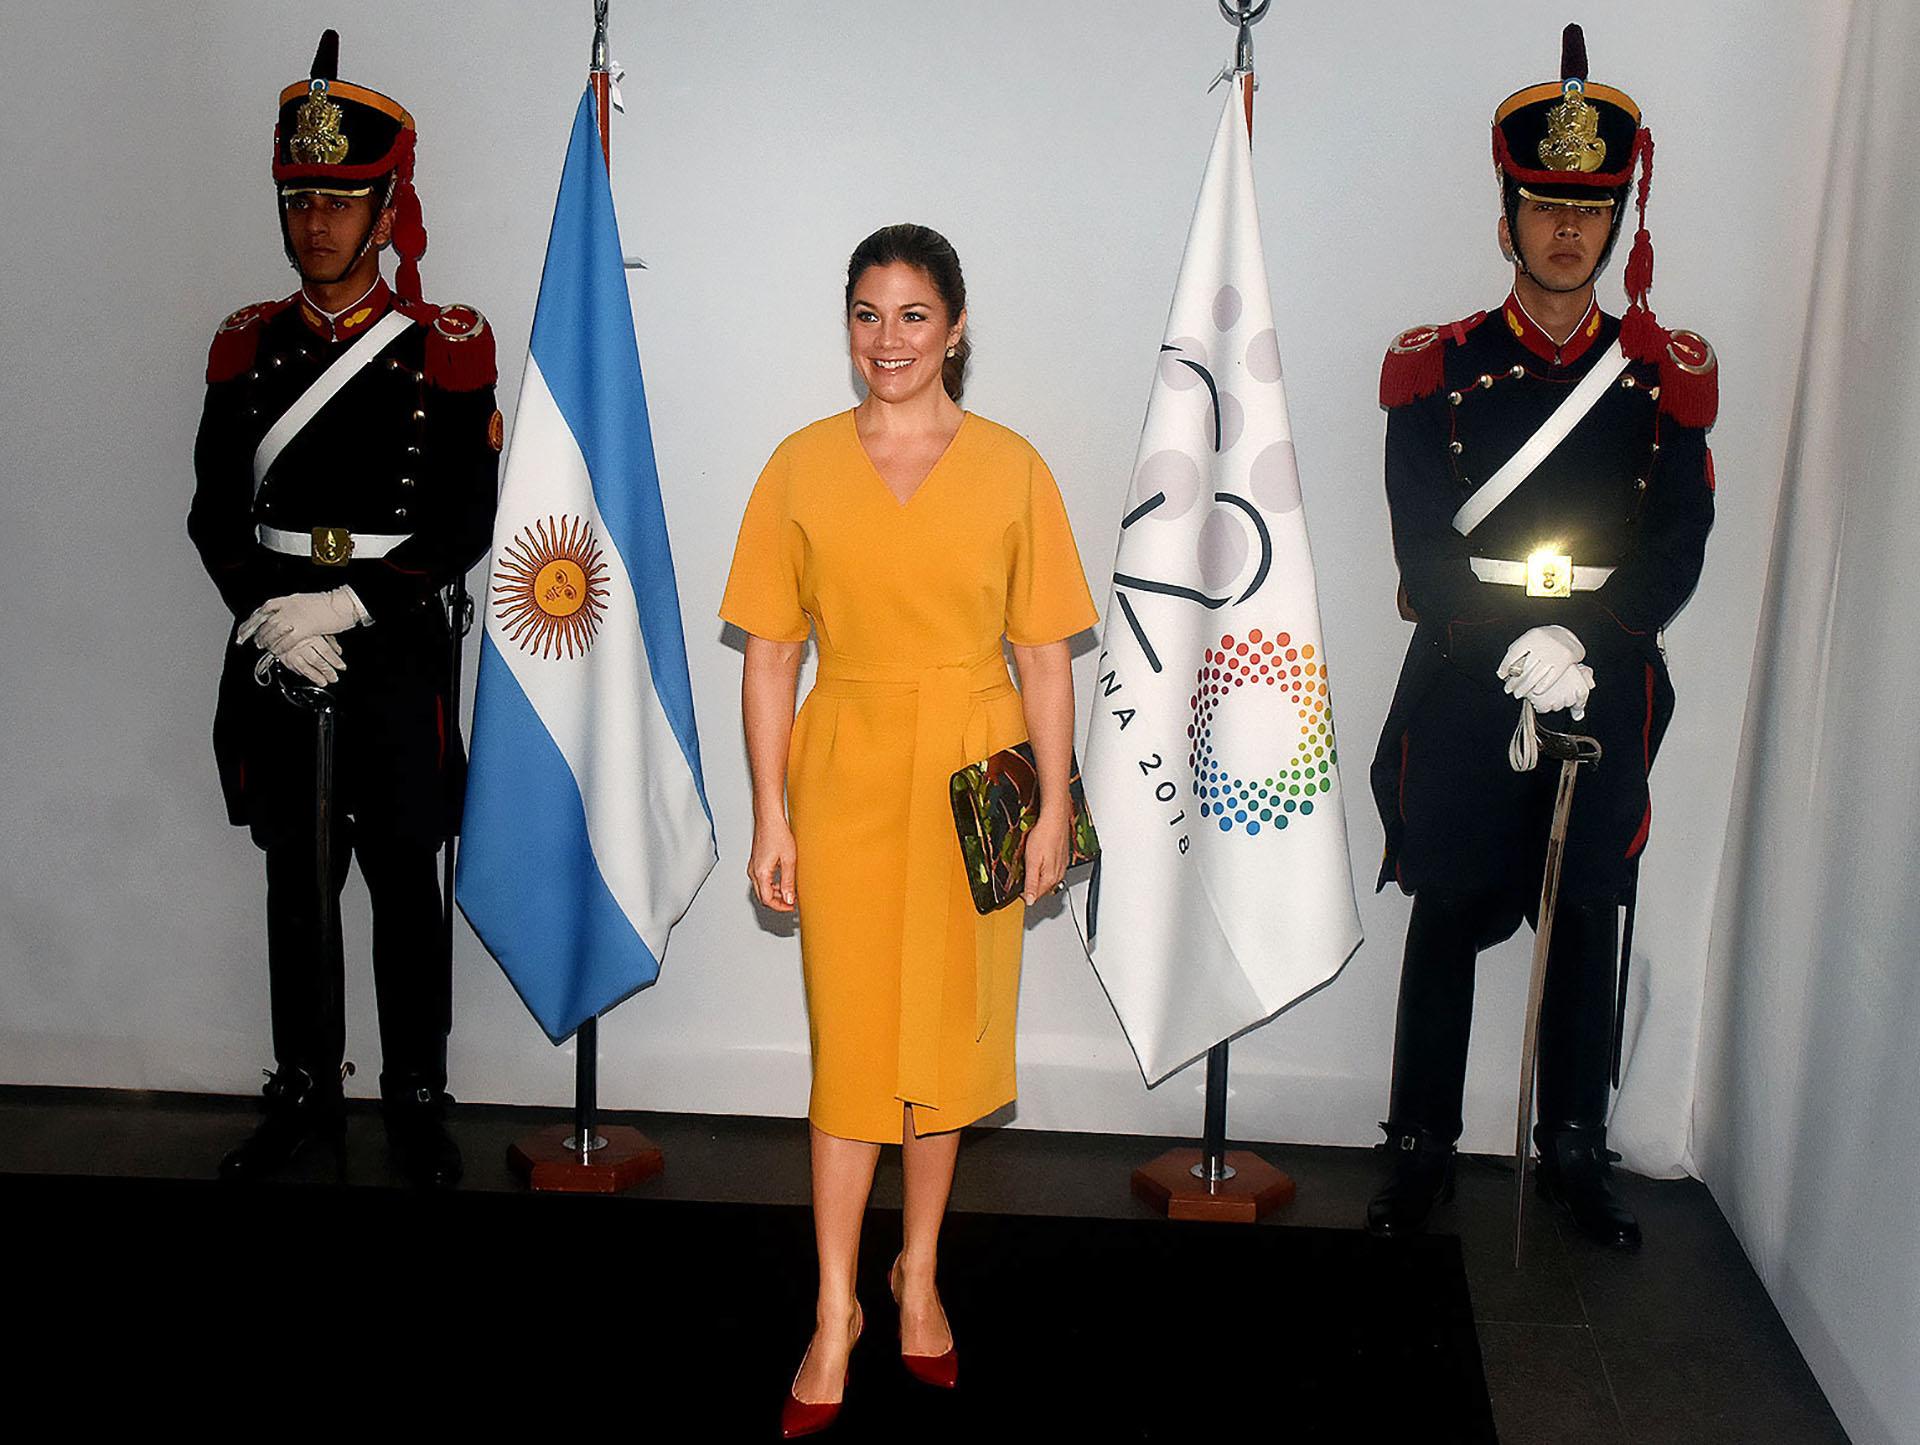 Sophie Trudeau, la mujer del primer ministro de Canadá, escogió un vestido estilo japonés en color mostaza. Con escote V, mangas amplias y un gran lazo a la cintura. Completó su look con un sobre multicolor y stilettos en punta y taco chupete en rojo acharolado